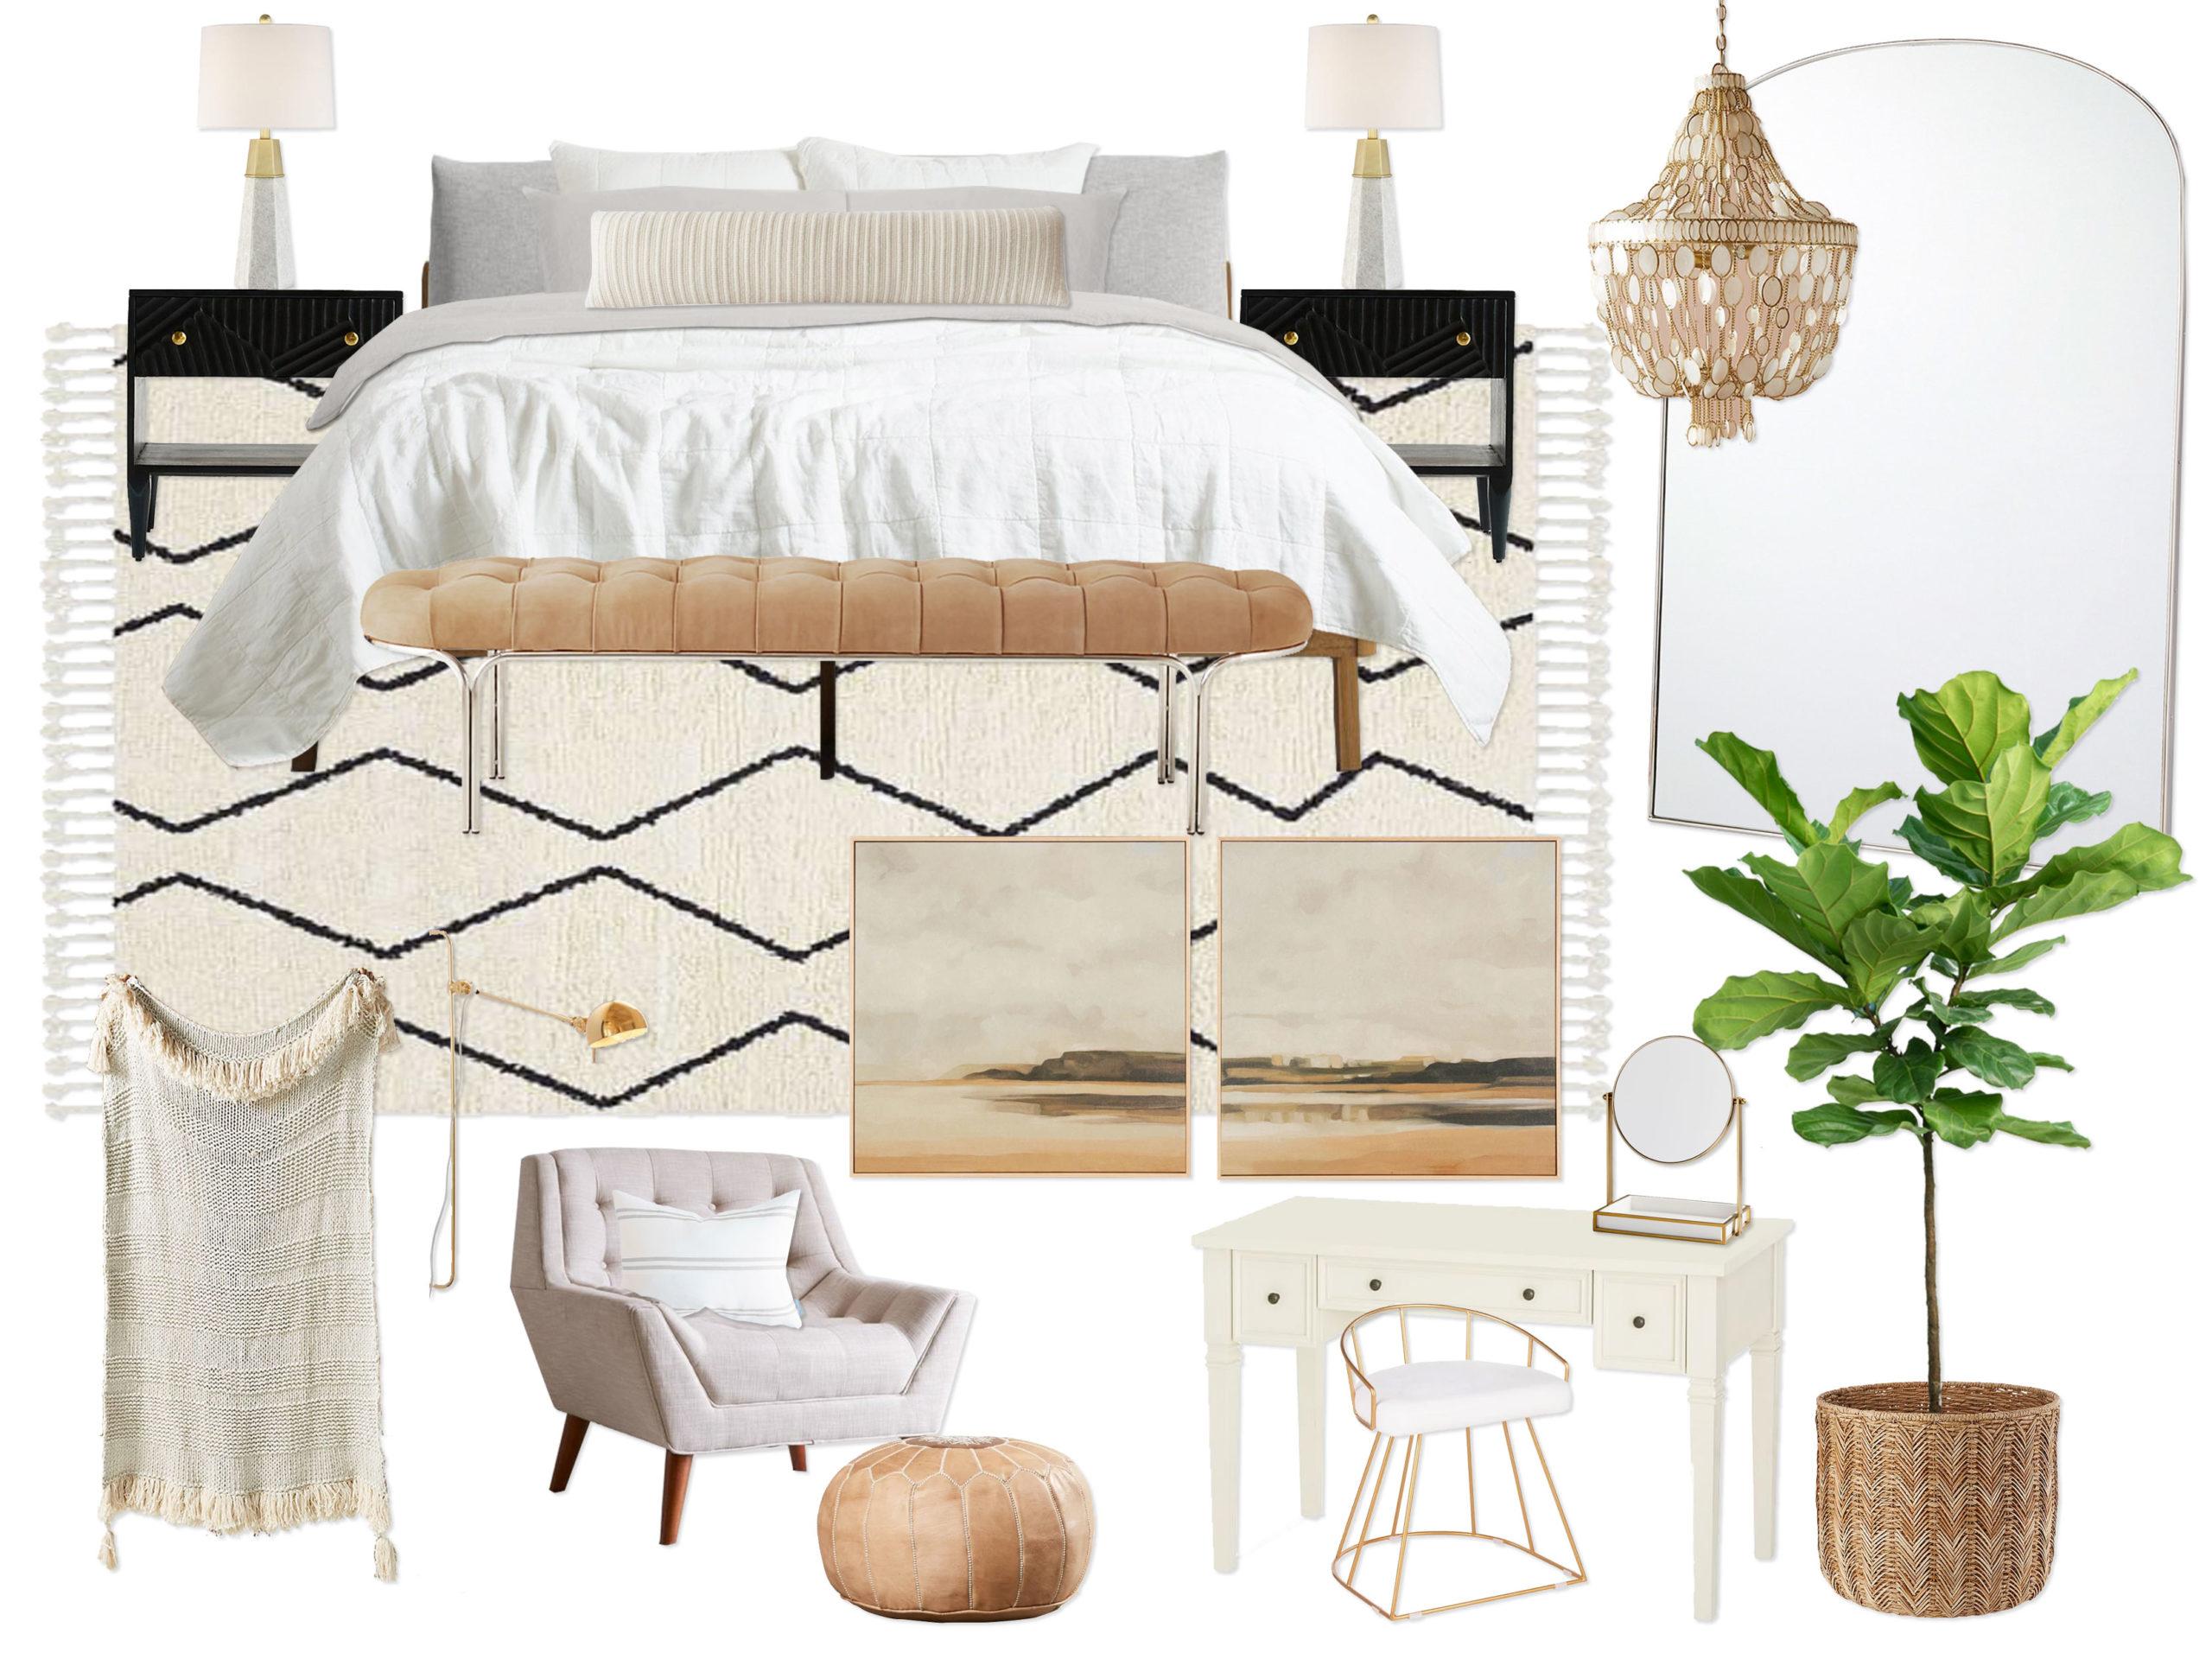 concept mood board interior design